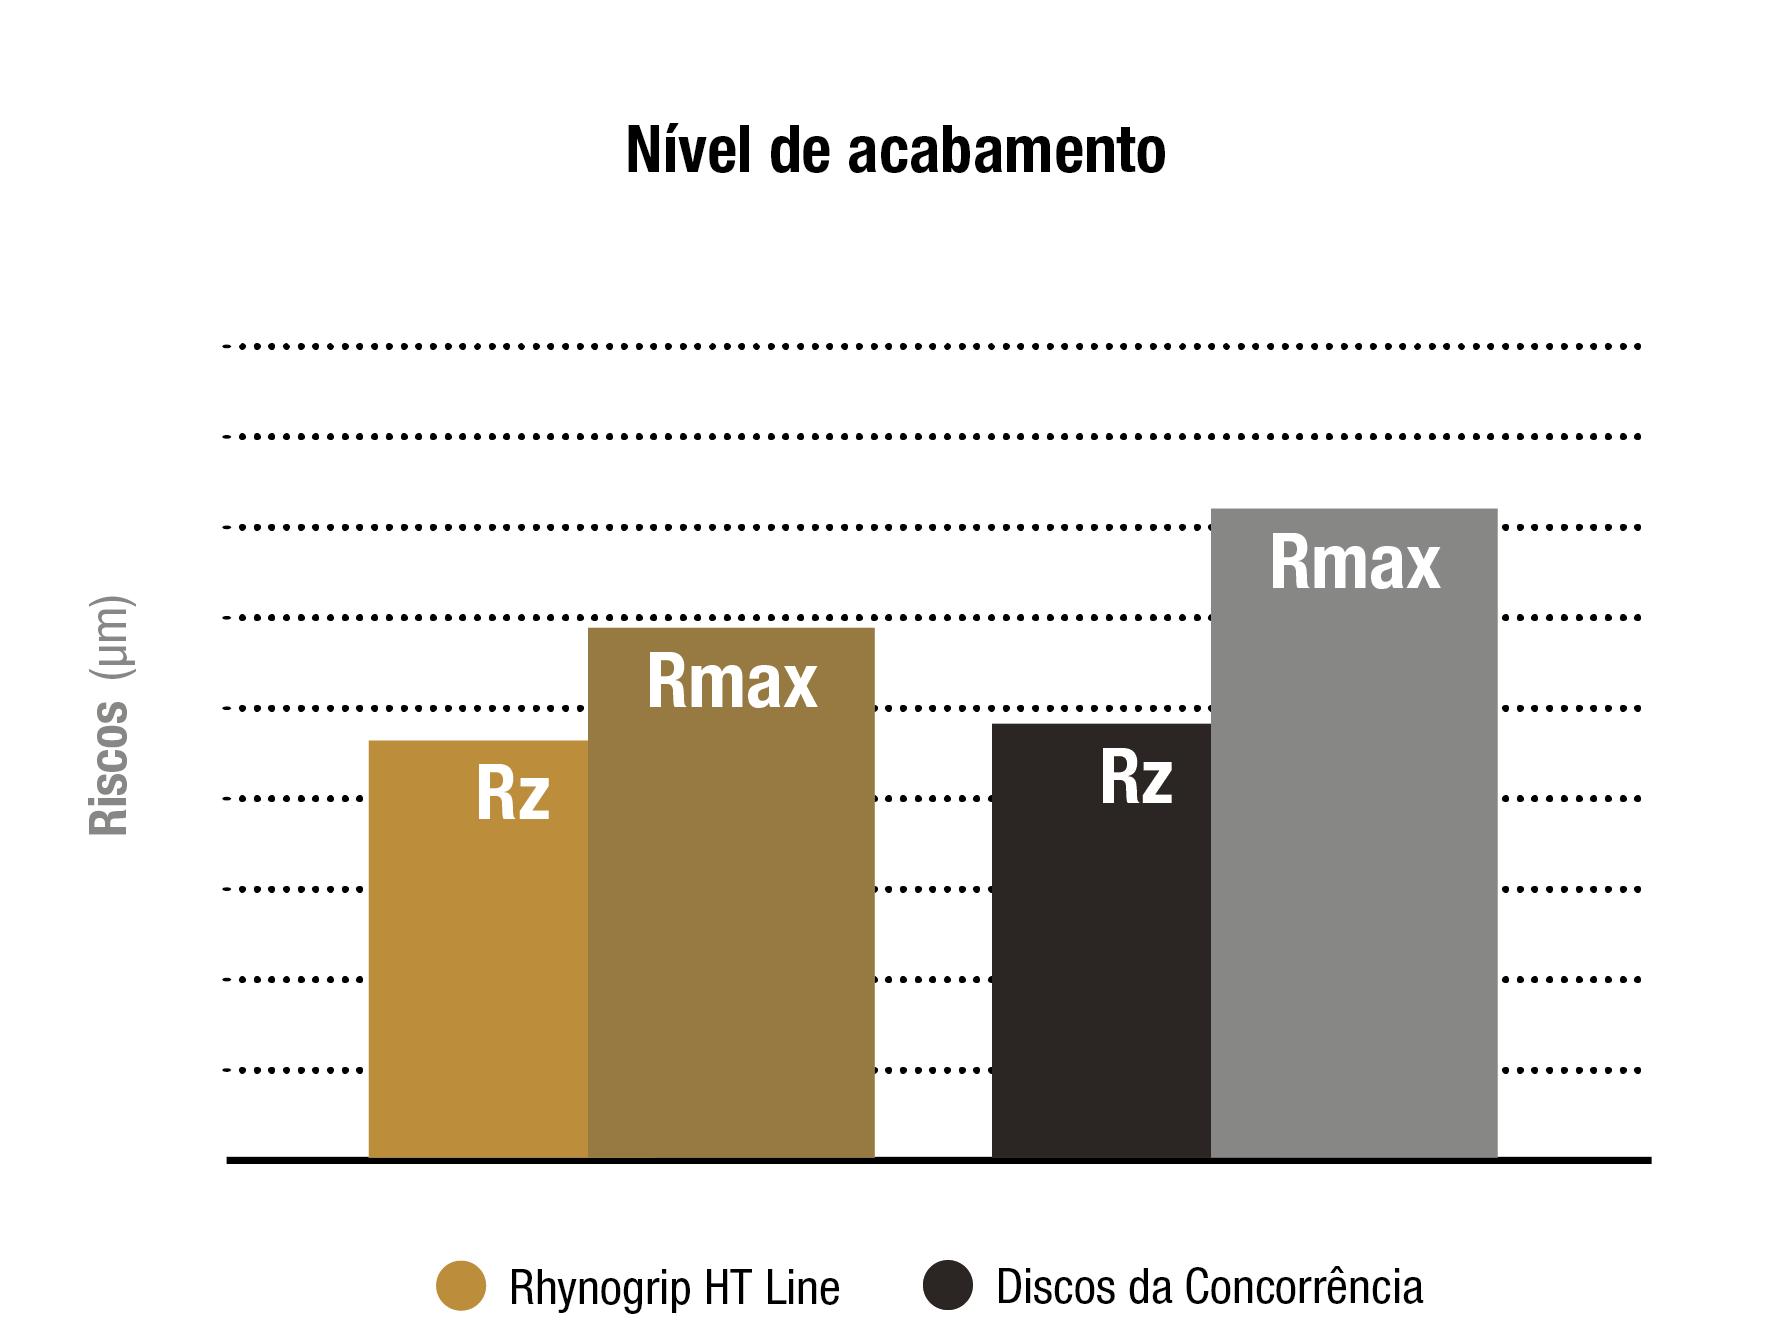 analise comparativa HT Line sobre acabamento